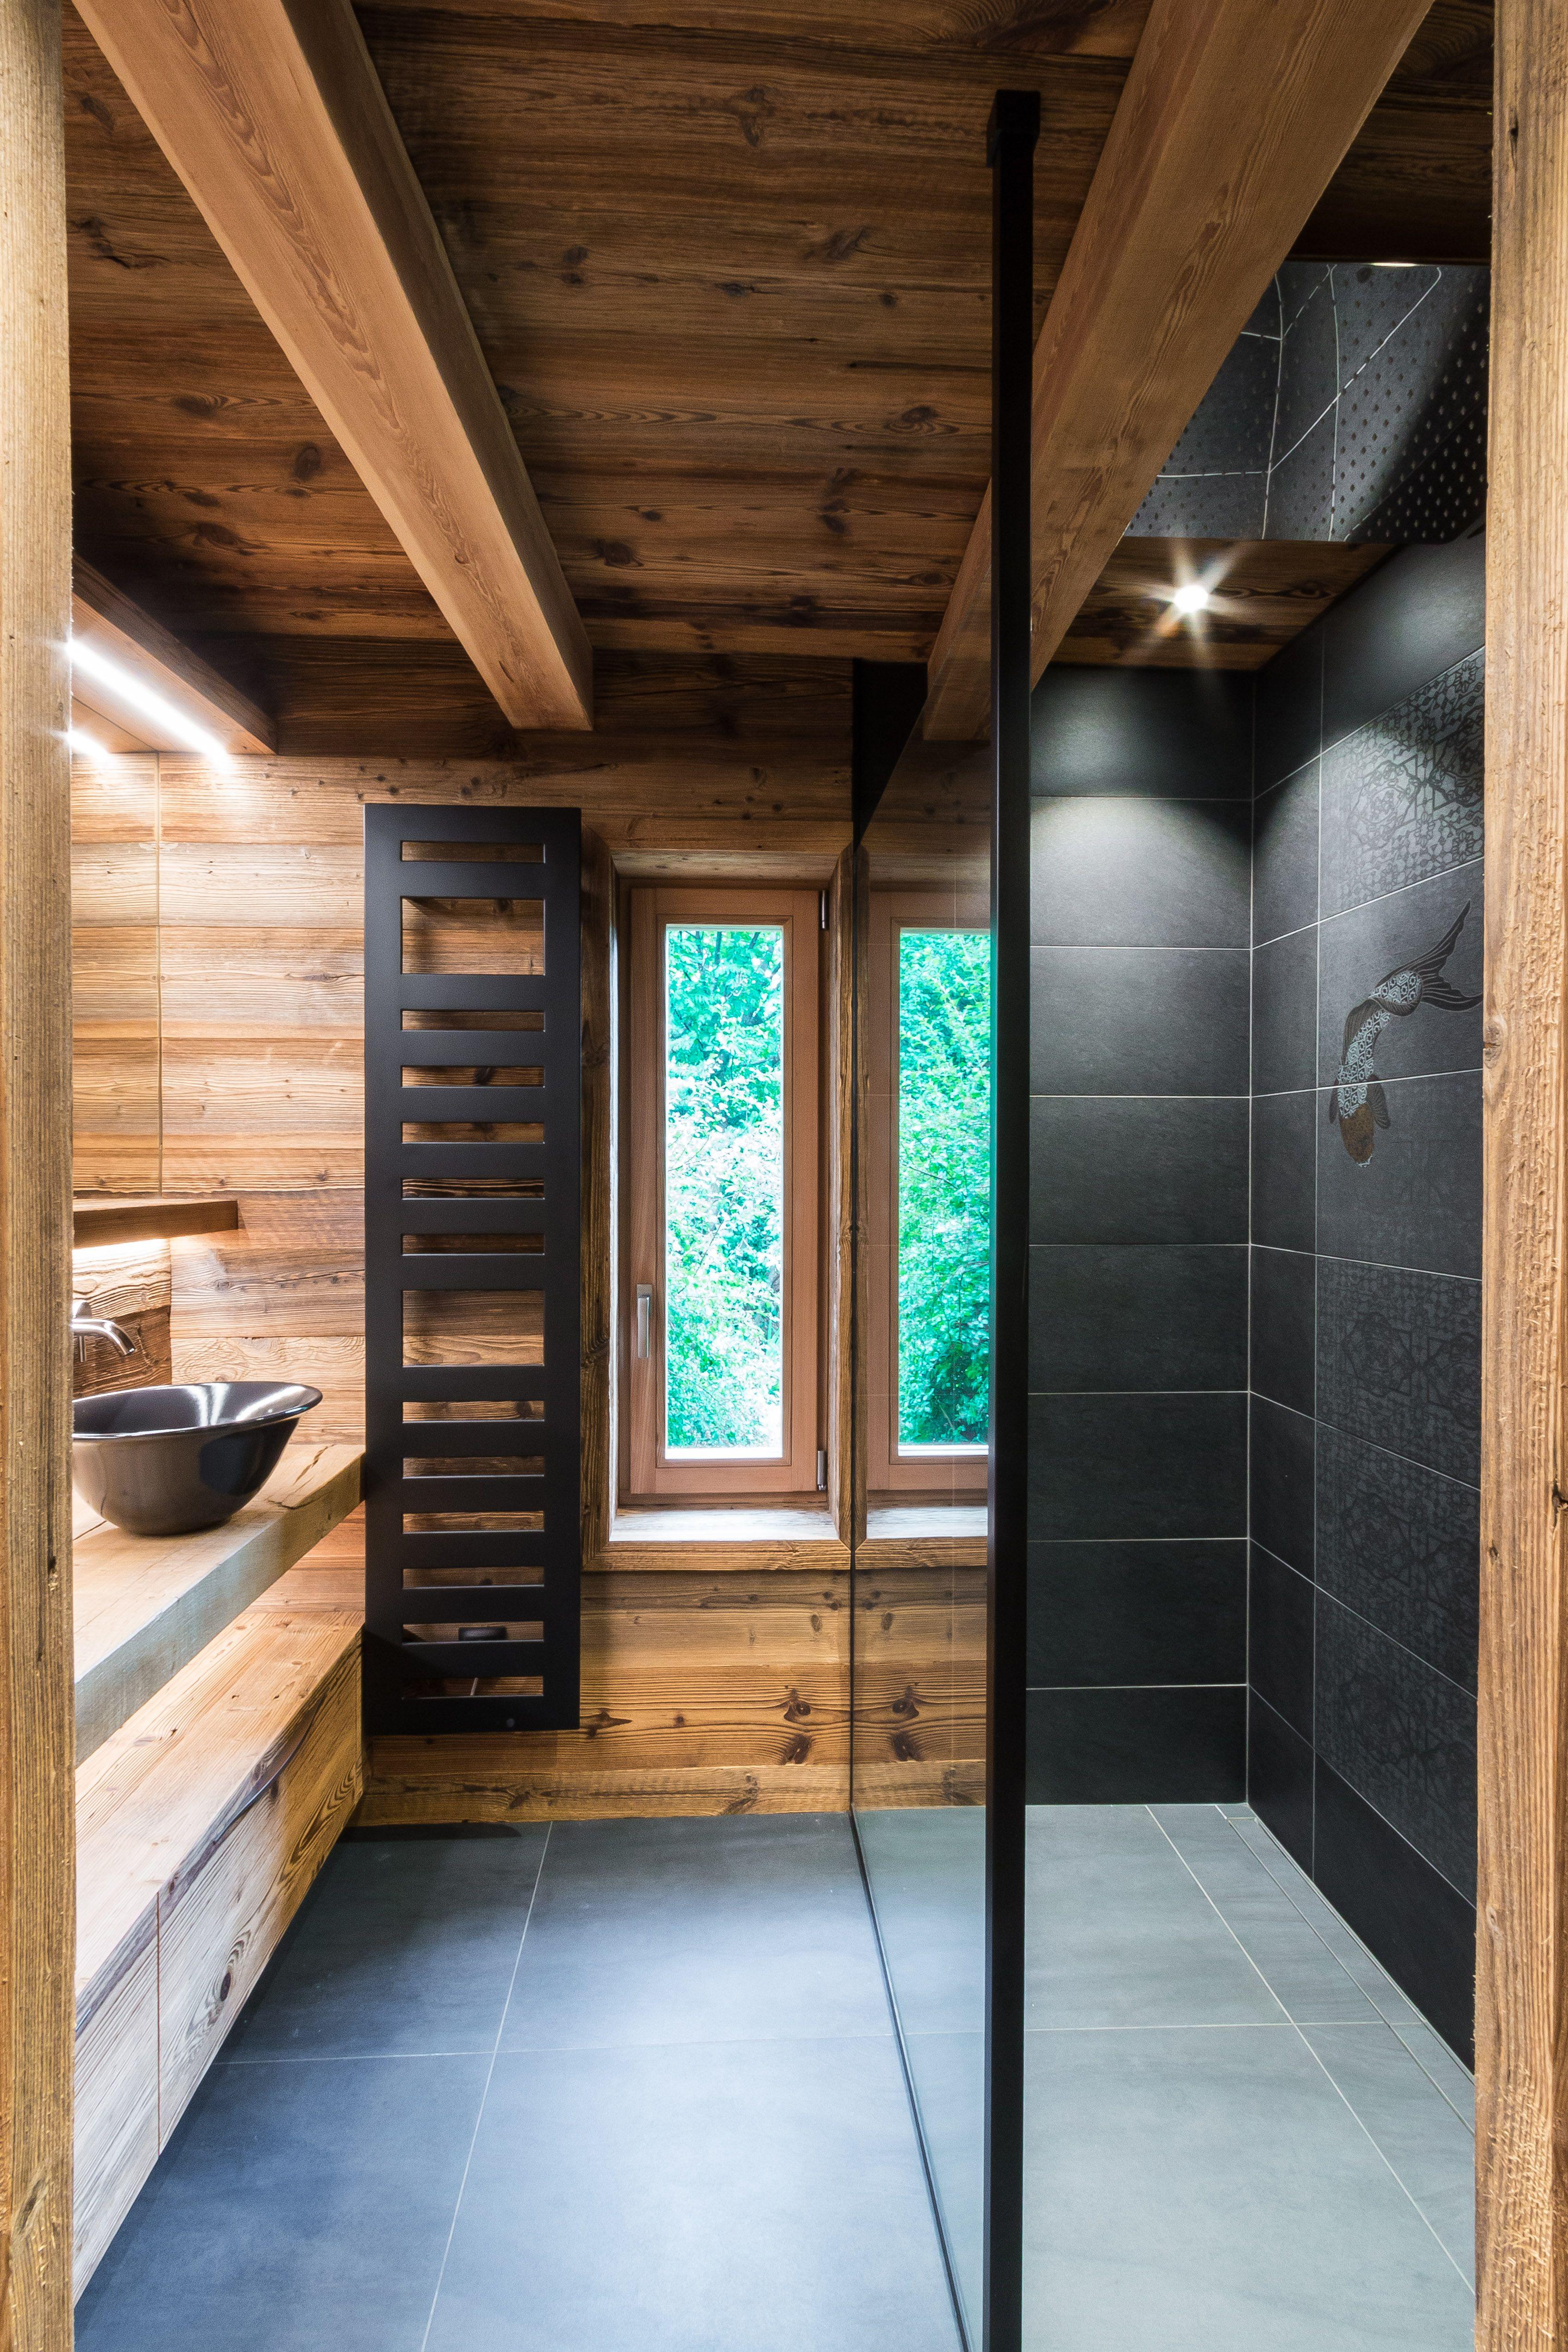 R alisation d 39 une salle de bain en bois compos e d 39 une - Cout d une salle de bain ...